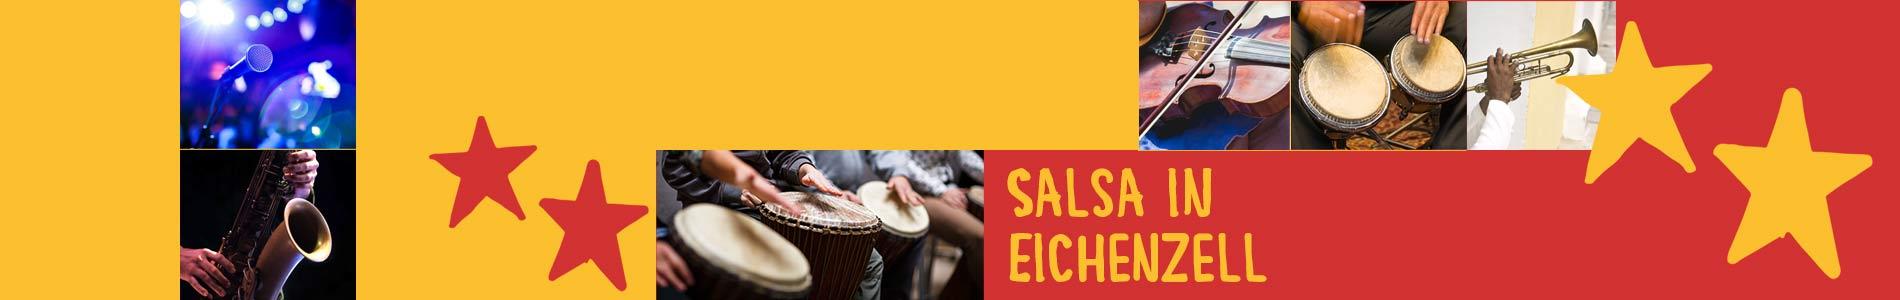 Salsa in Eichenzell – Salsa lernen und tanzen, Tanzkurse, Partys, Veranstaltungen